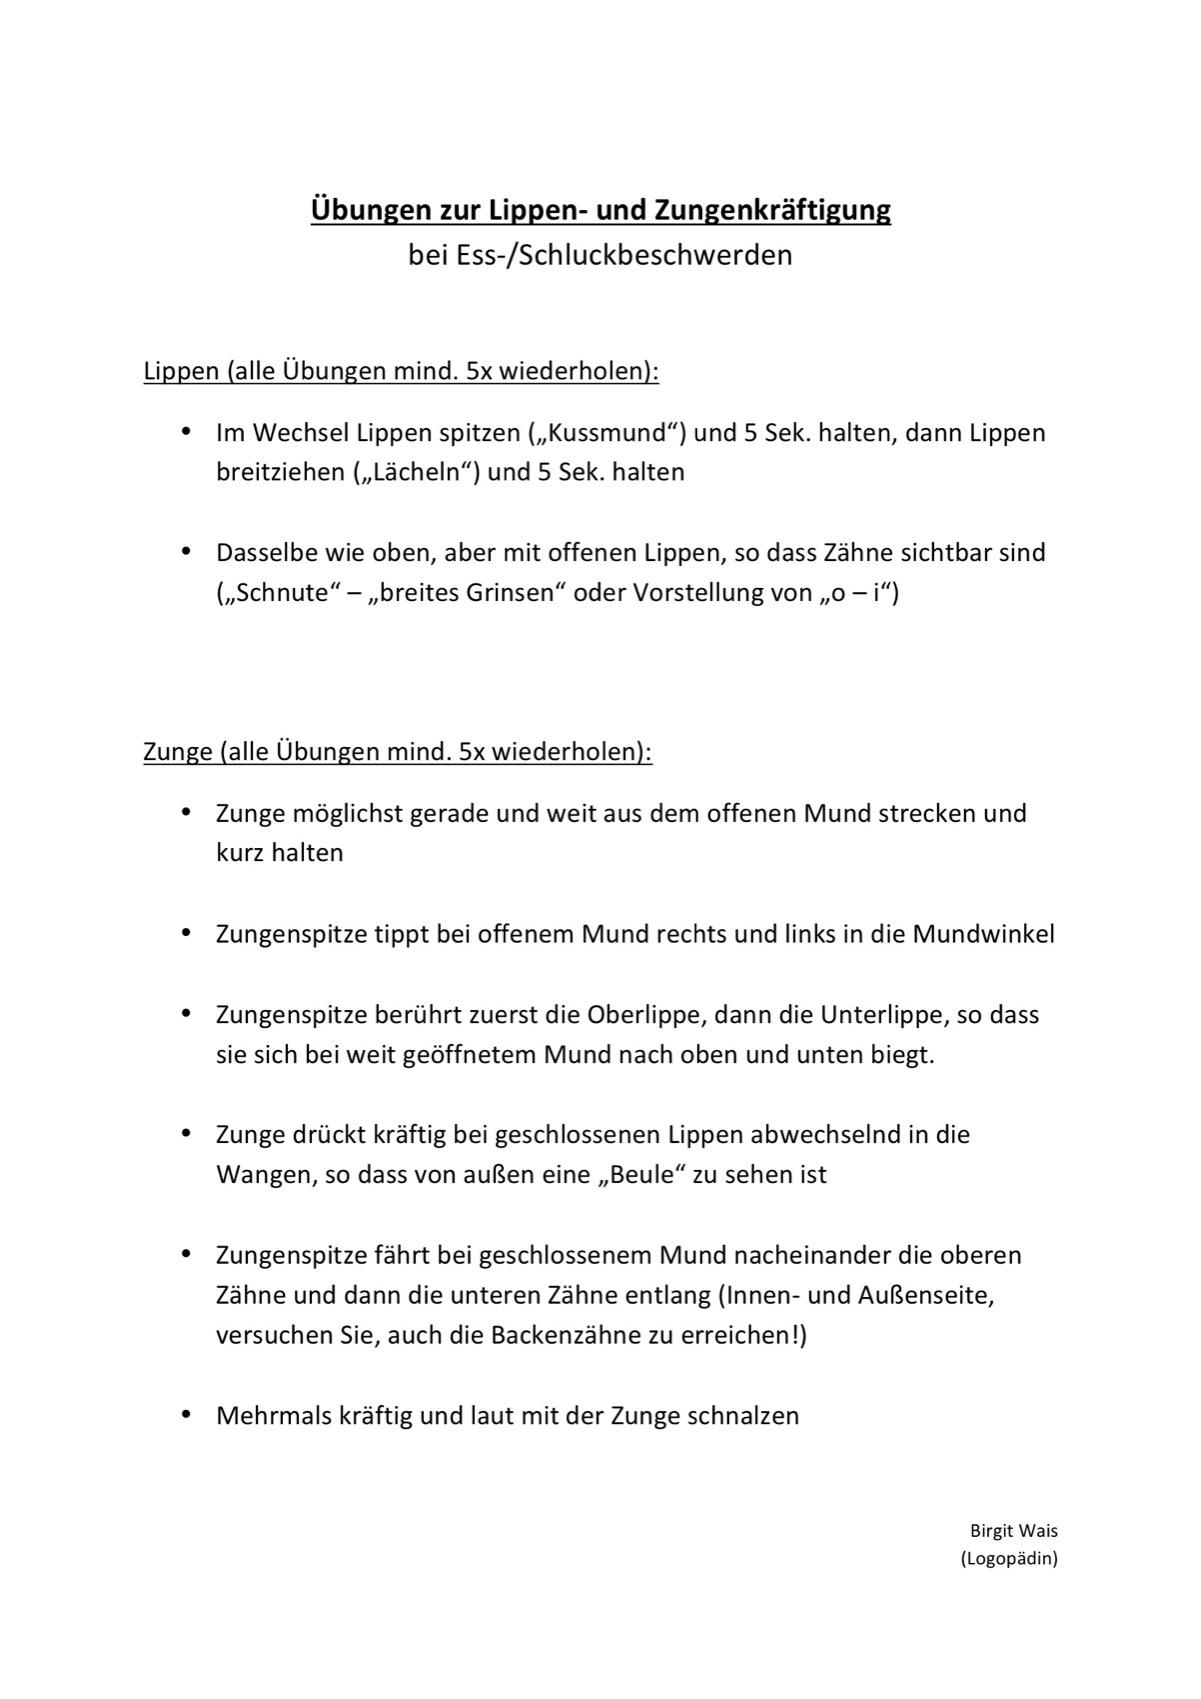 Sammlungen mit Übungsblatt Zungen-Mund-Motorik - Dysphagie - madoo.net